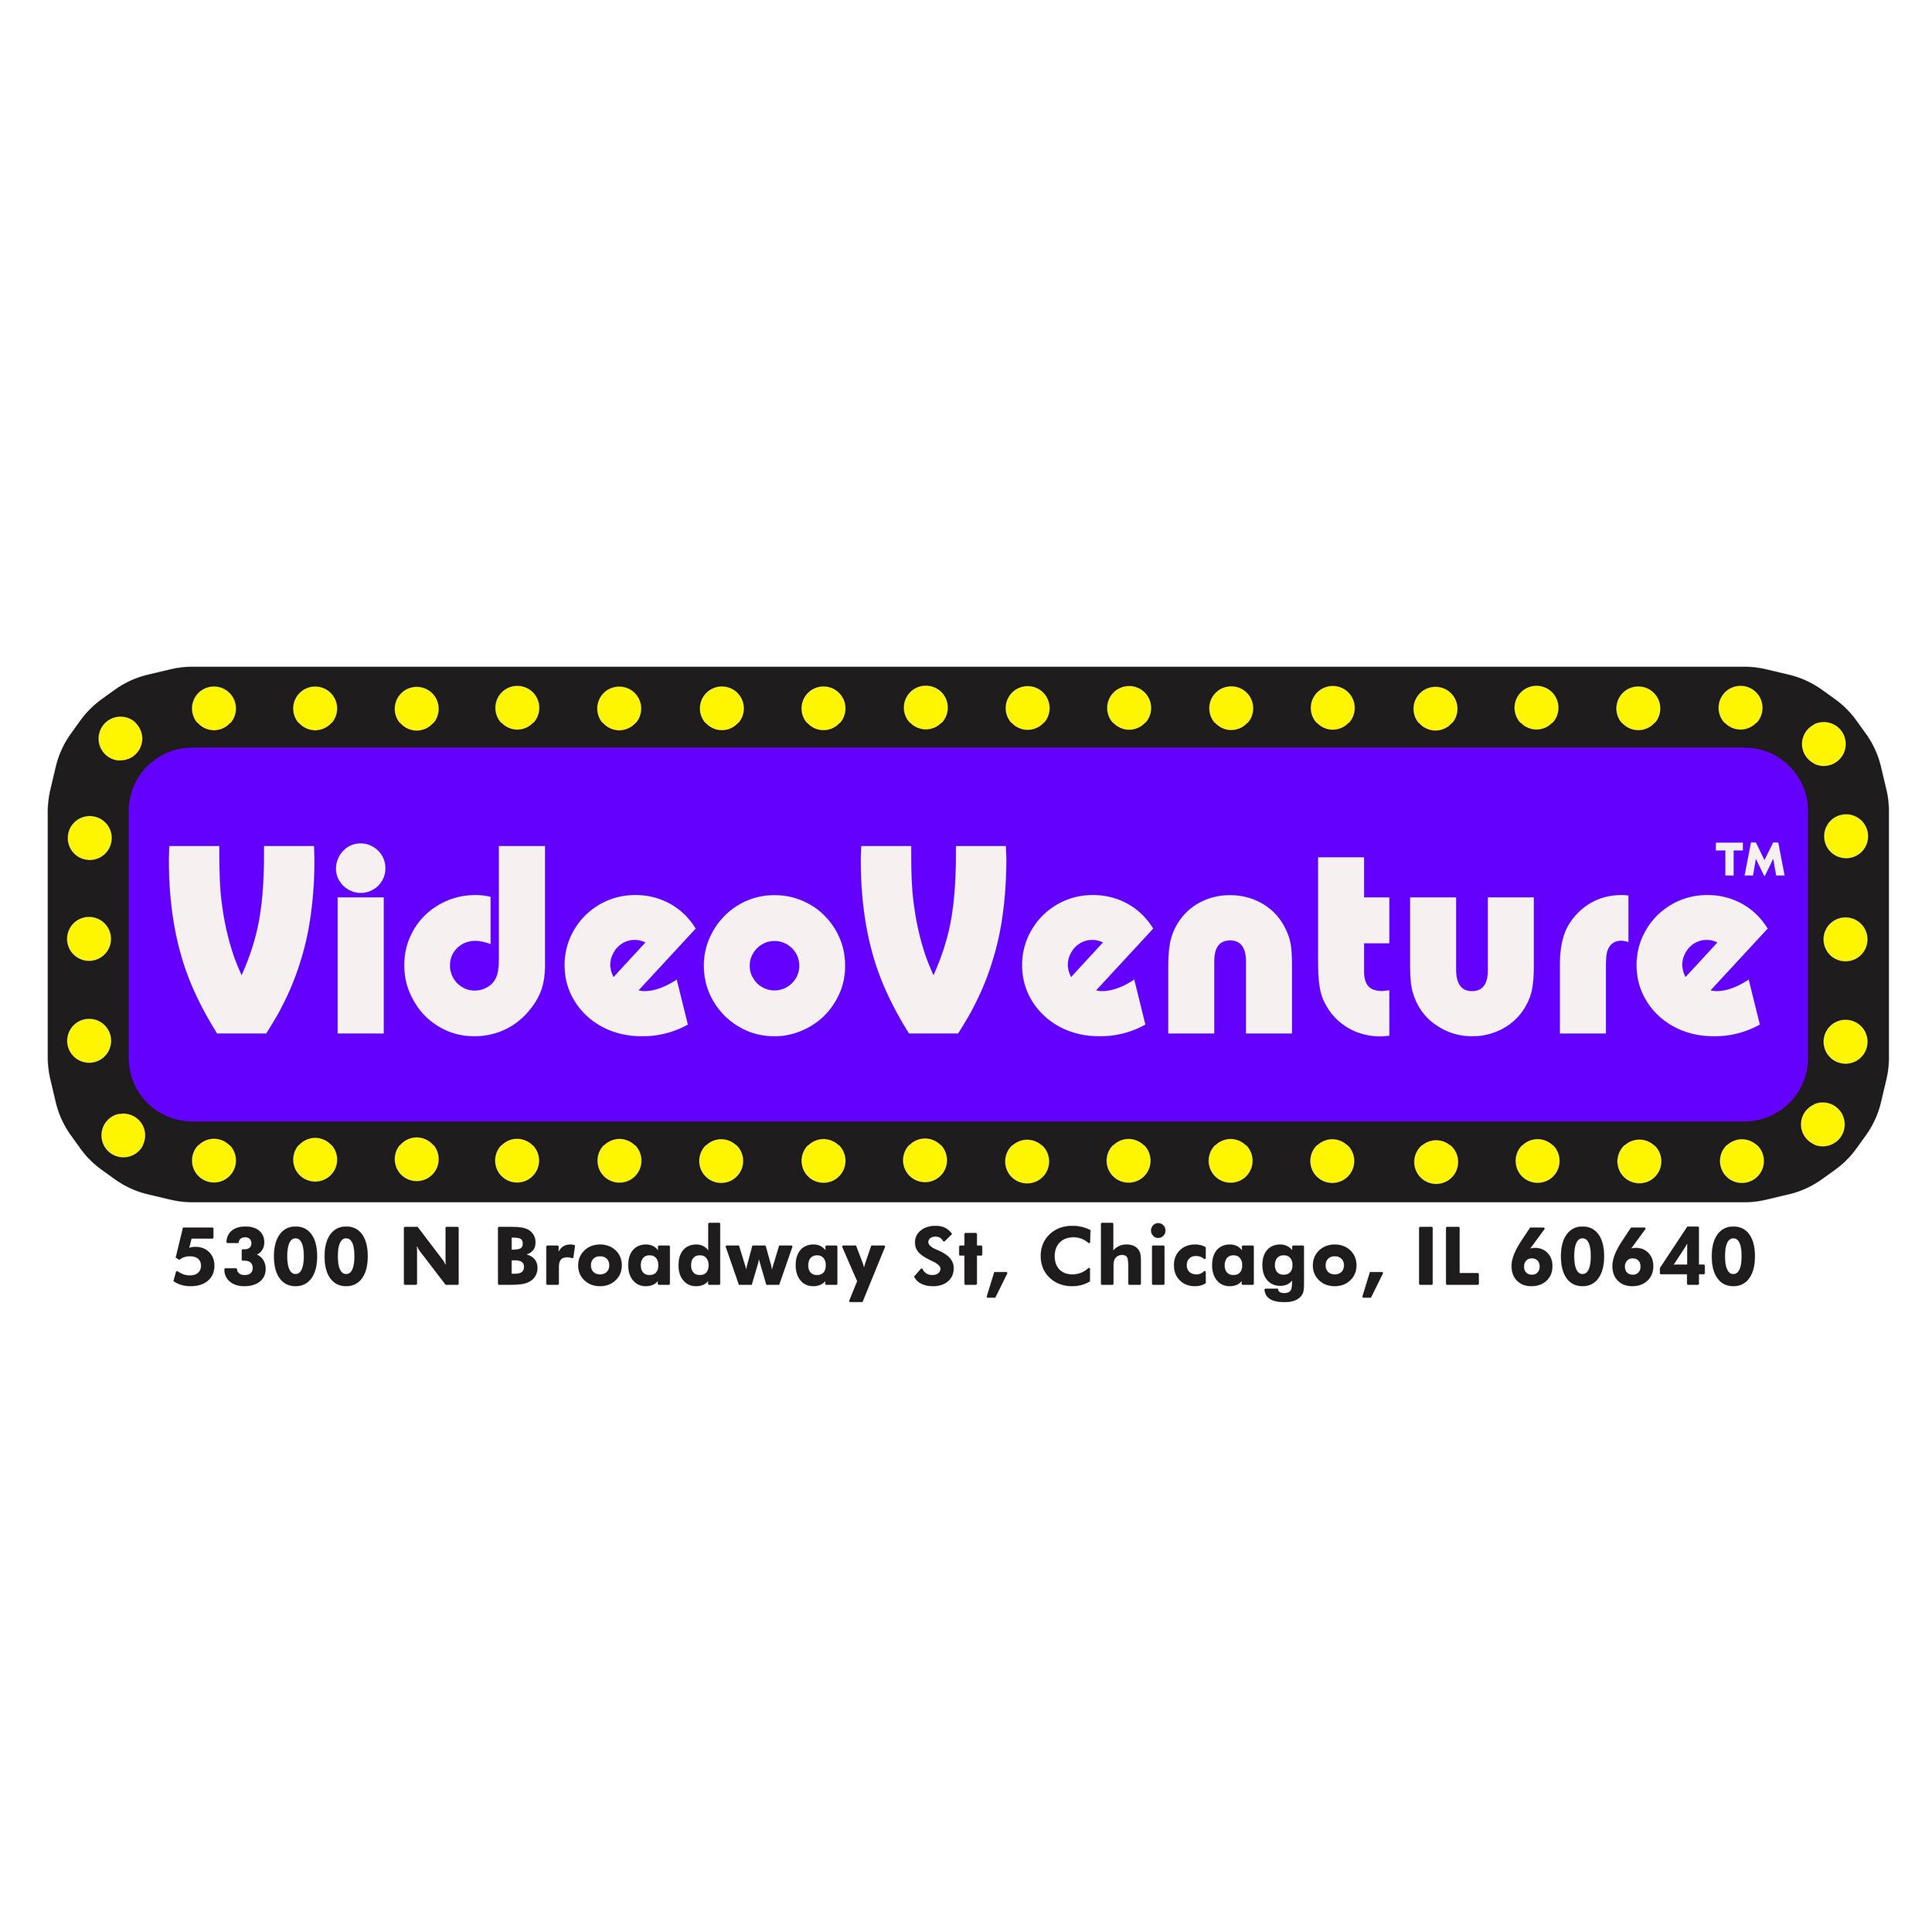 VideoVentureColorSquare.jpg